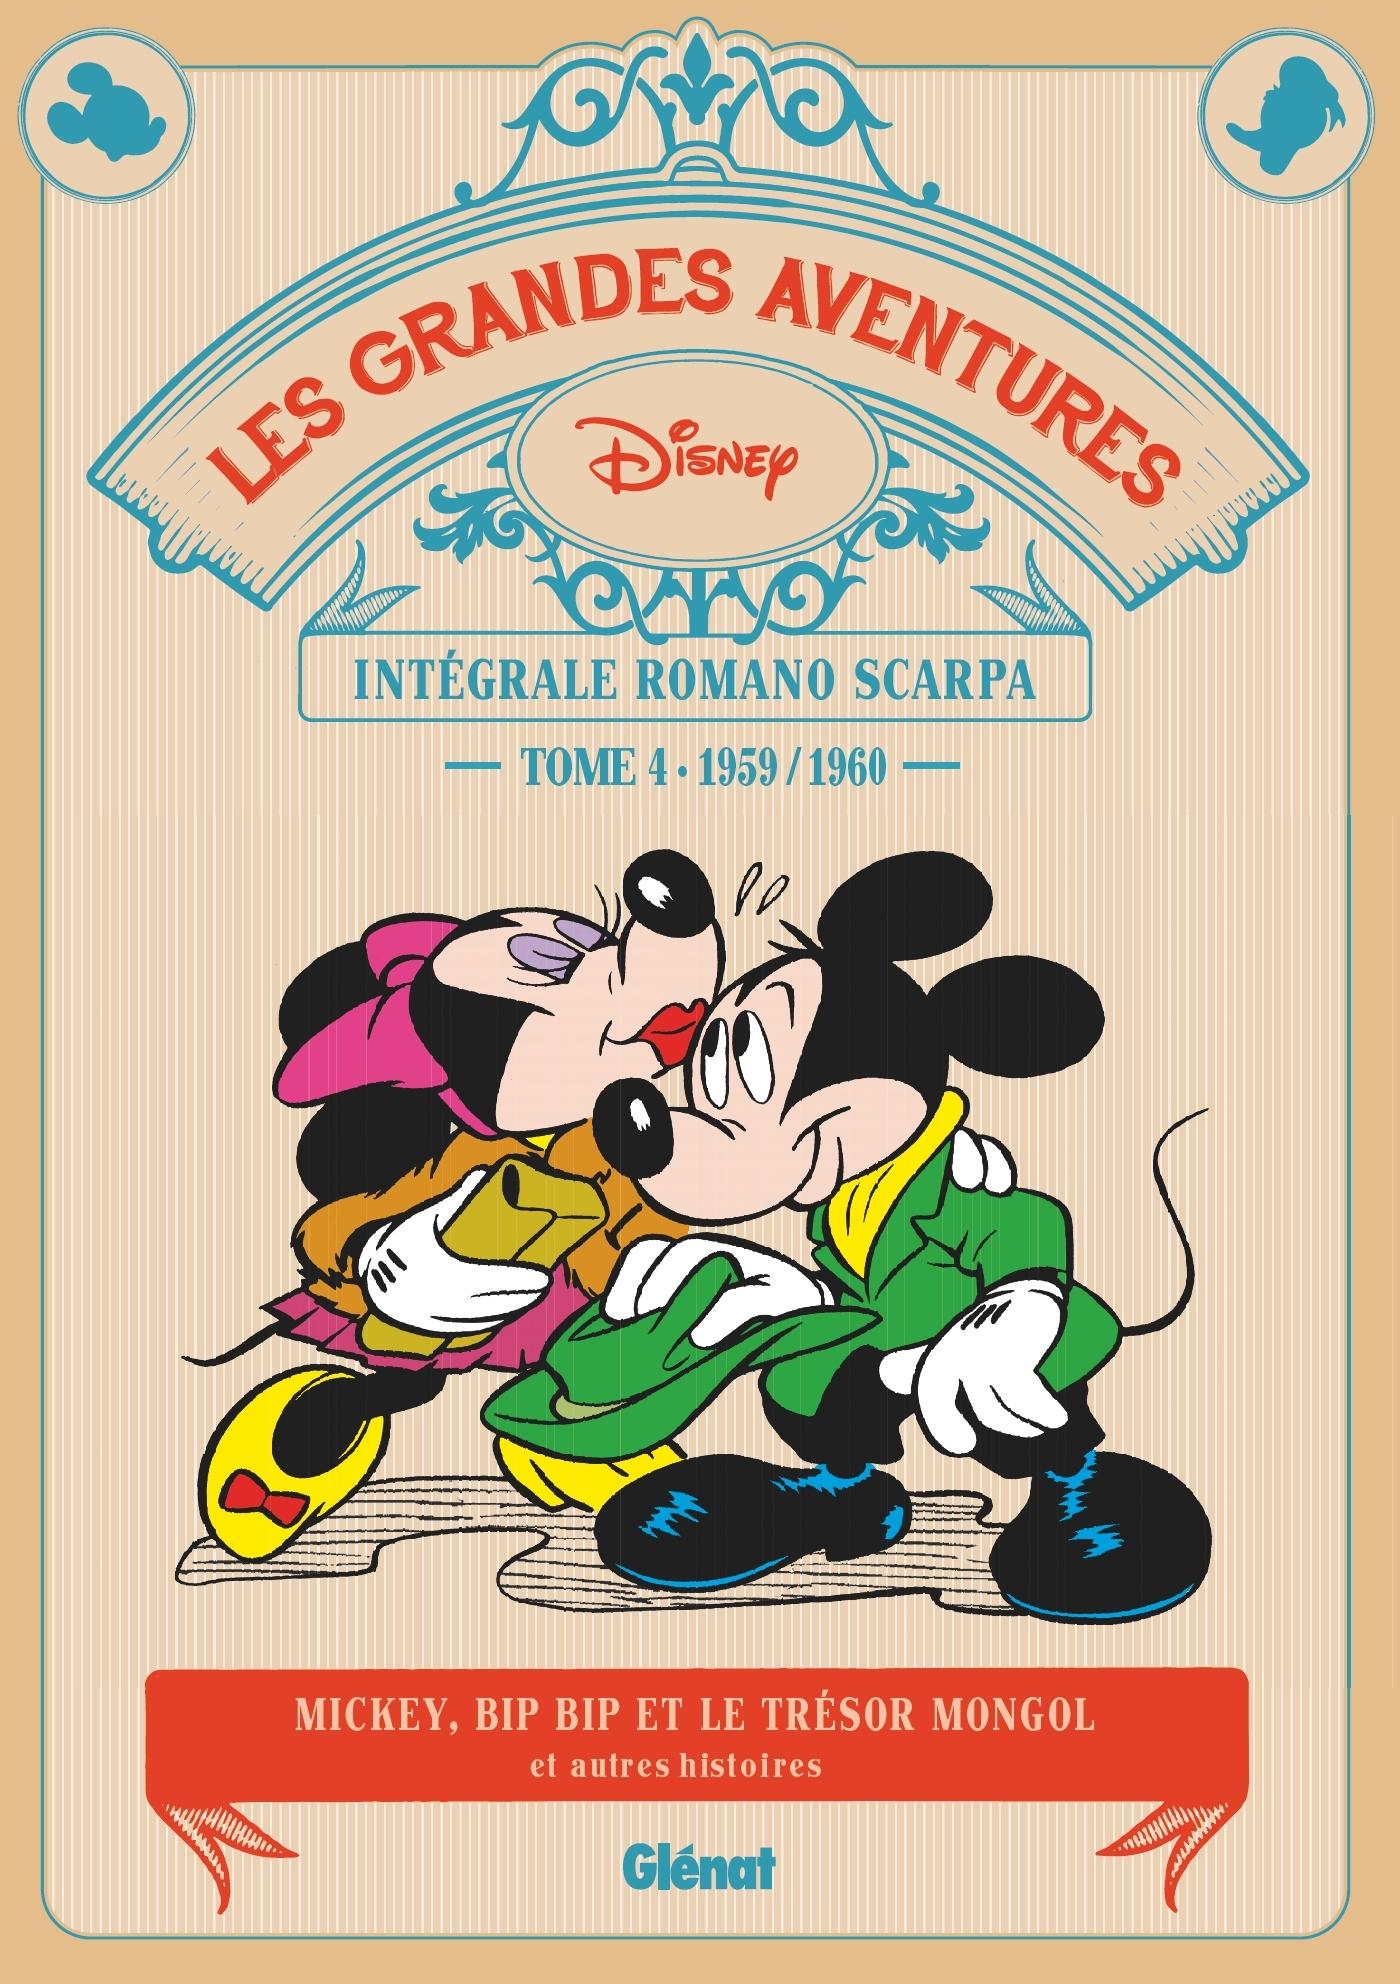 LES GRANDES AVENTURES DE ROMANO SCARPA - TOME 04 - 1959/1960 - LE TRESOR MONGOL ET AUTRES HISTOIRES